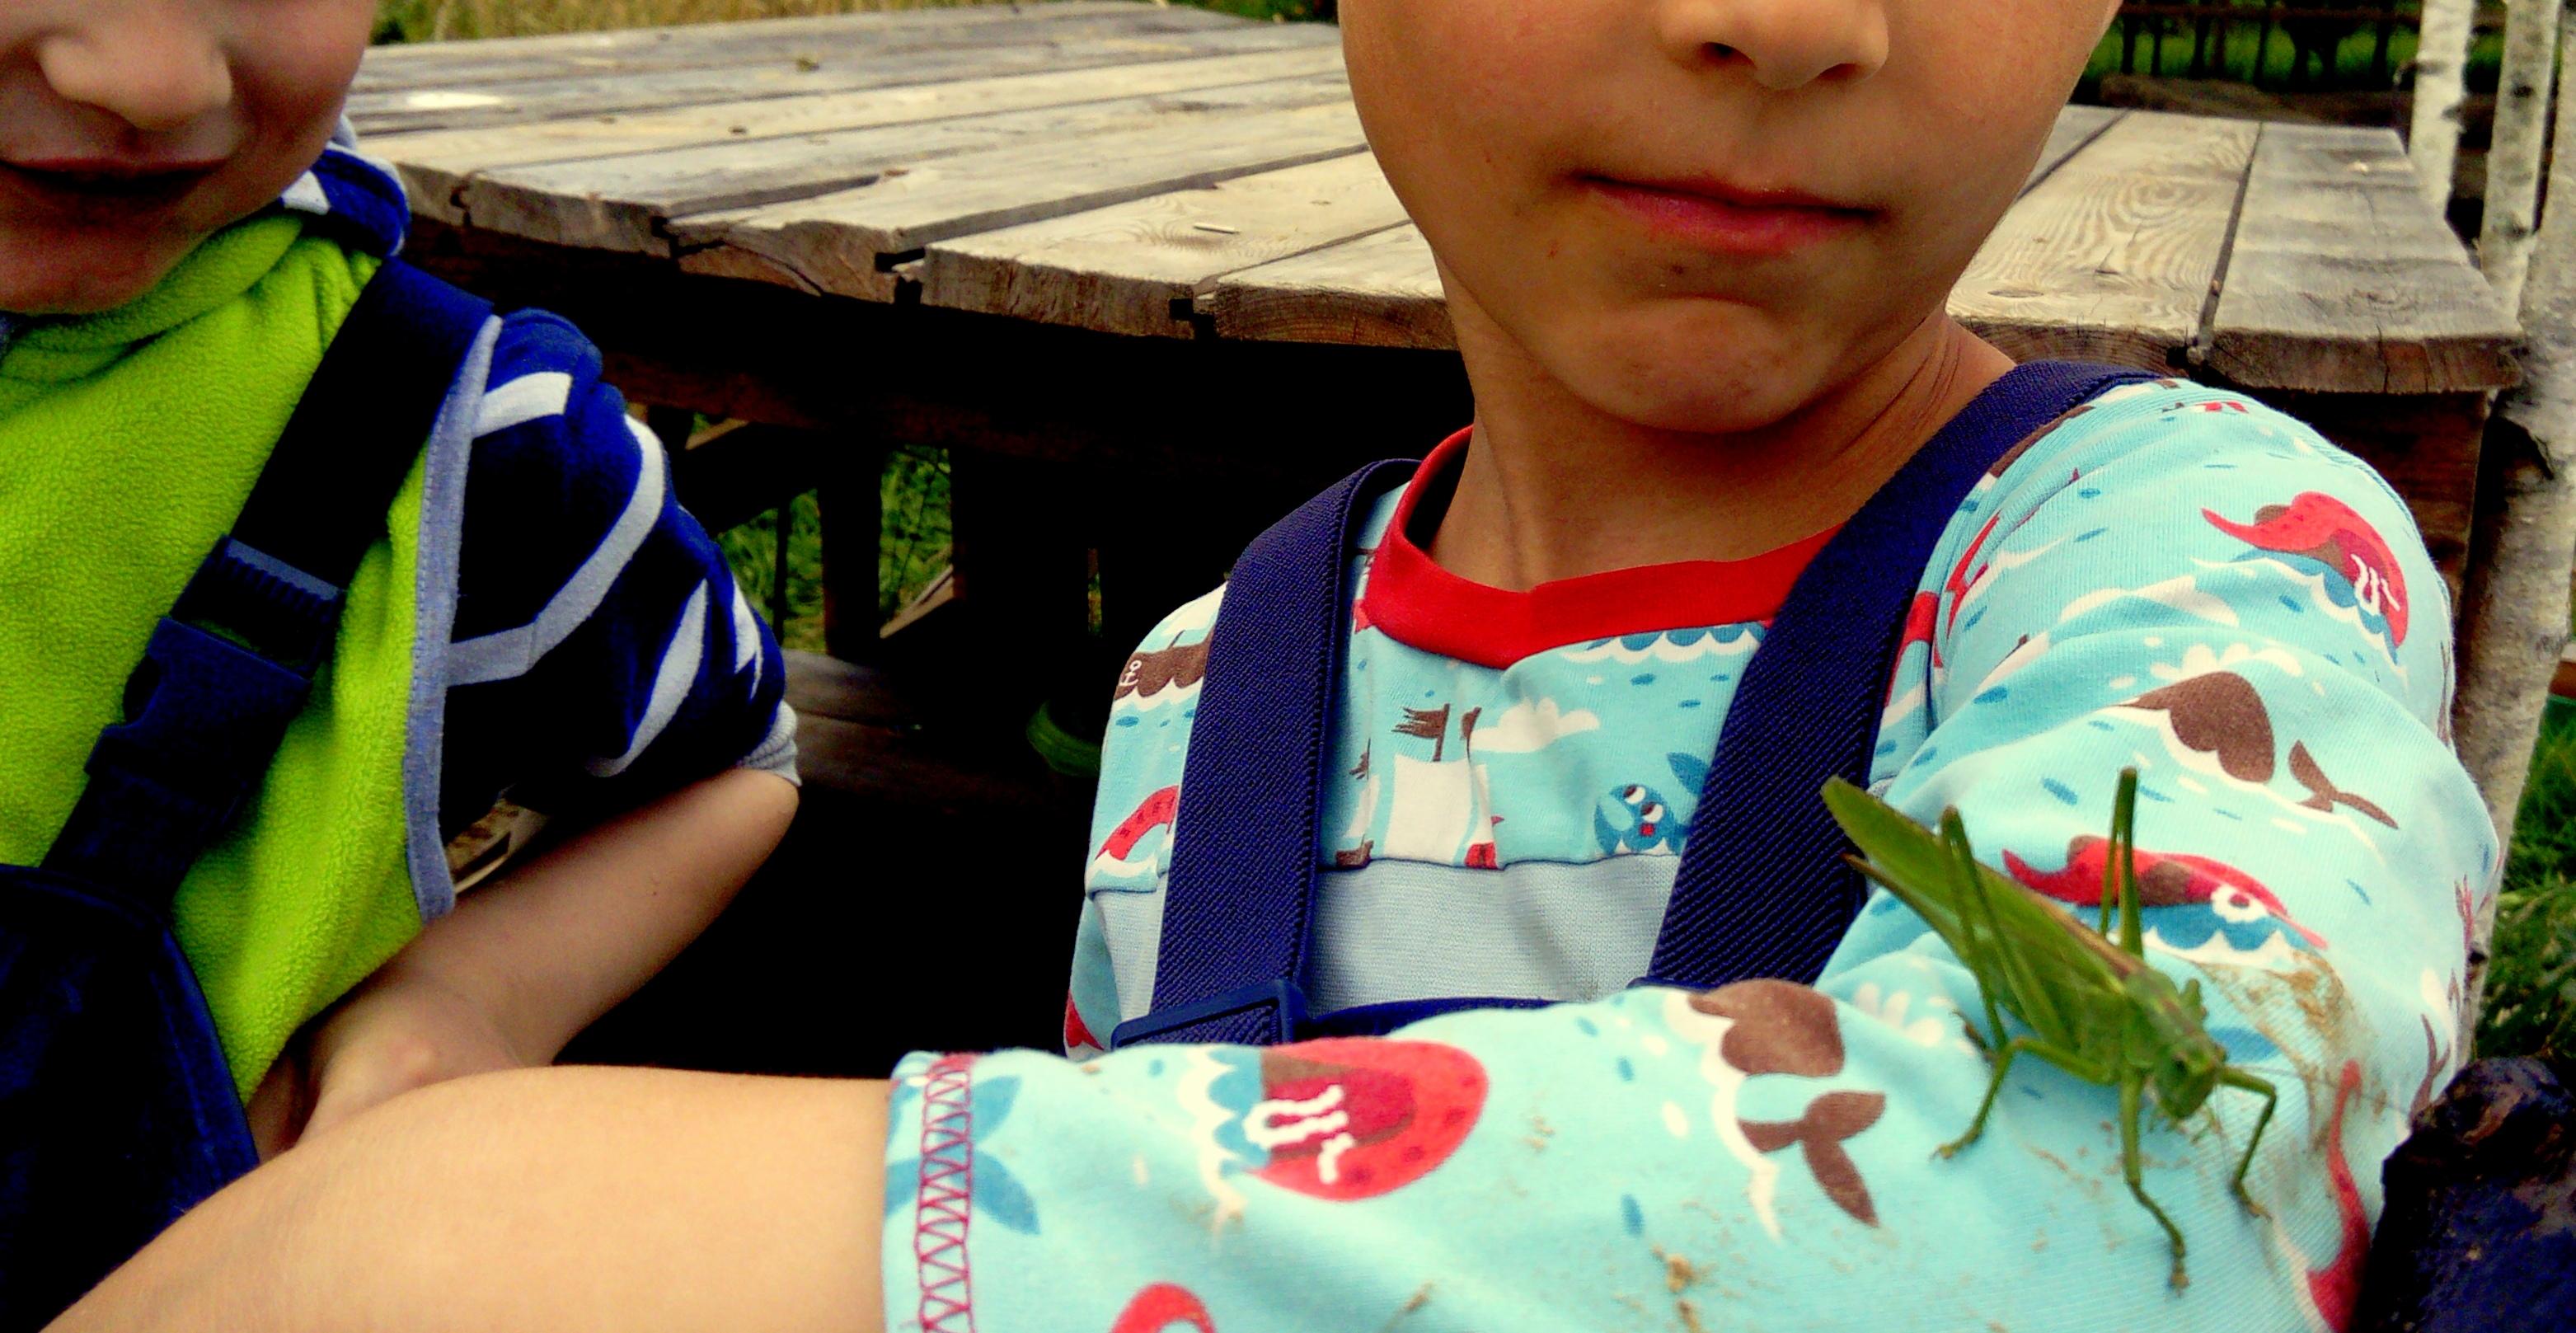 Heupferd|Kinder